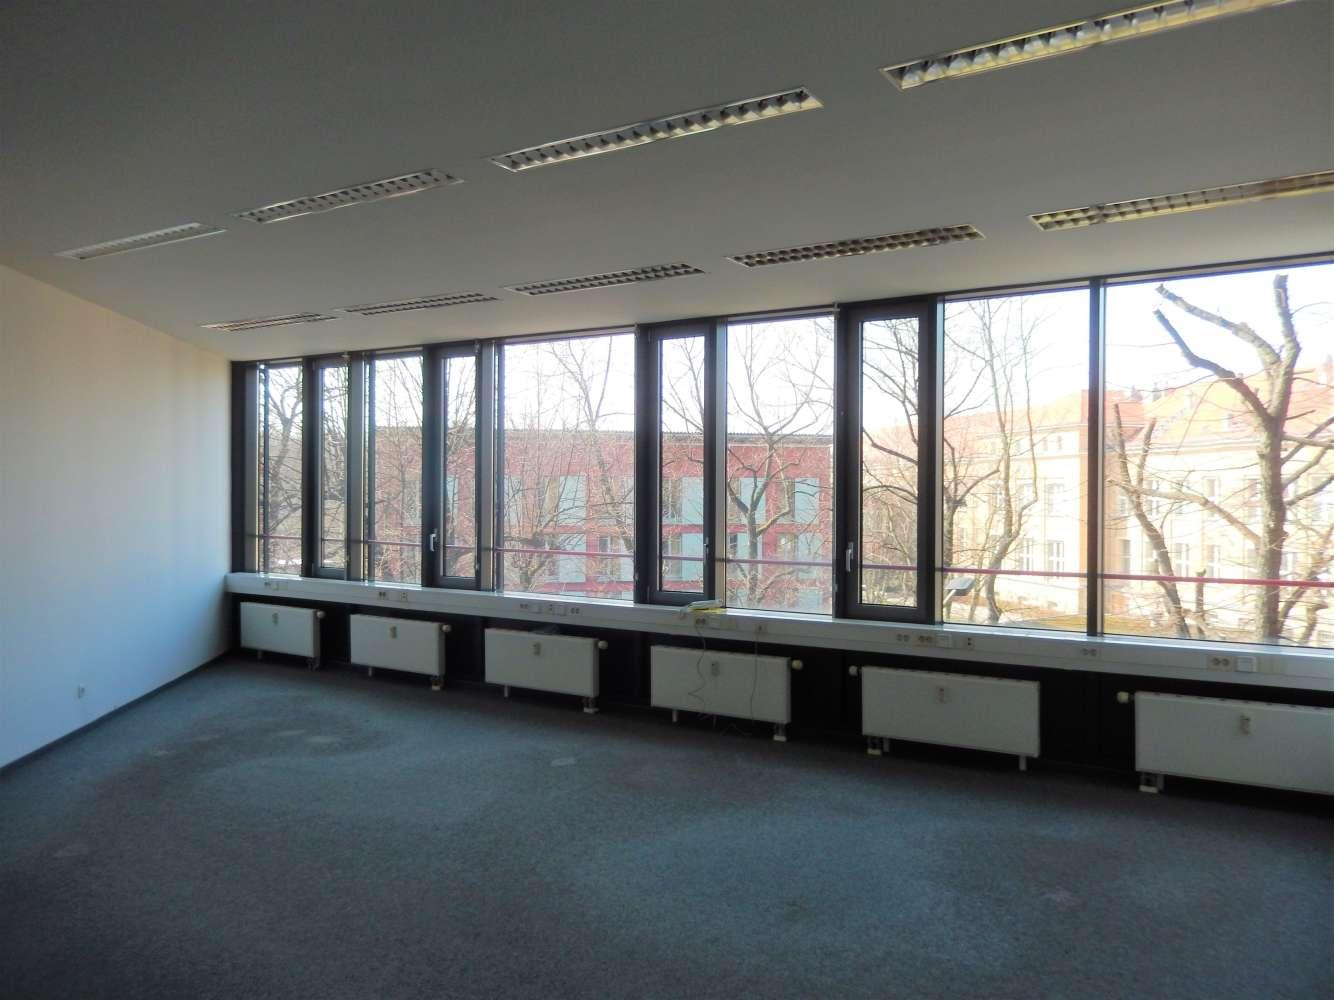 Büros Leipzig, 04317 - Büro - Leipzig, Reudnitz-Thonberg - B1681 - 10191985